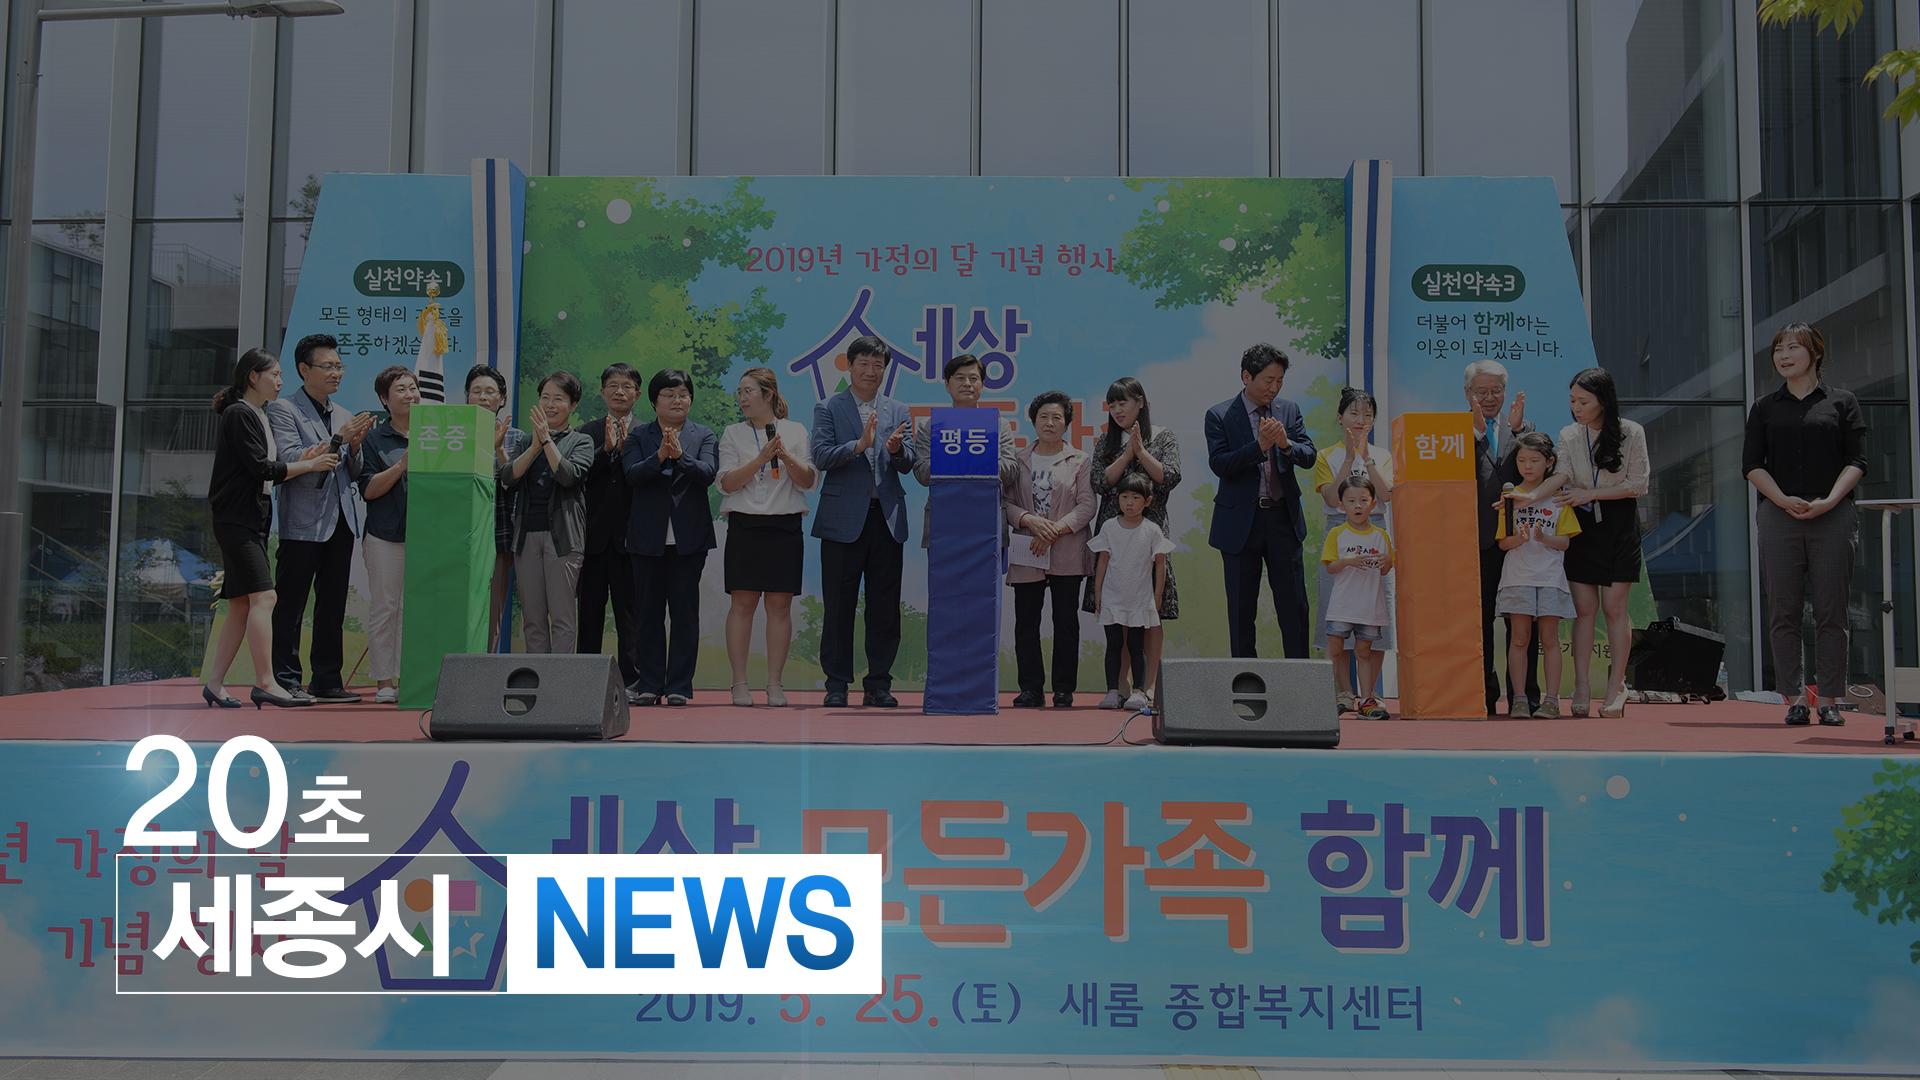 <20초뉴스> 2019년 가정의 달 기념식 및 가족화합한마당 행사 개최